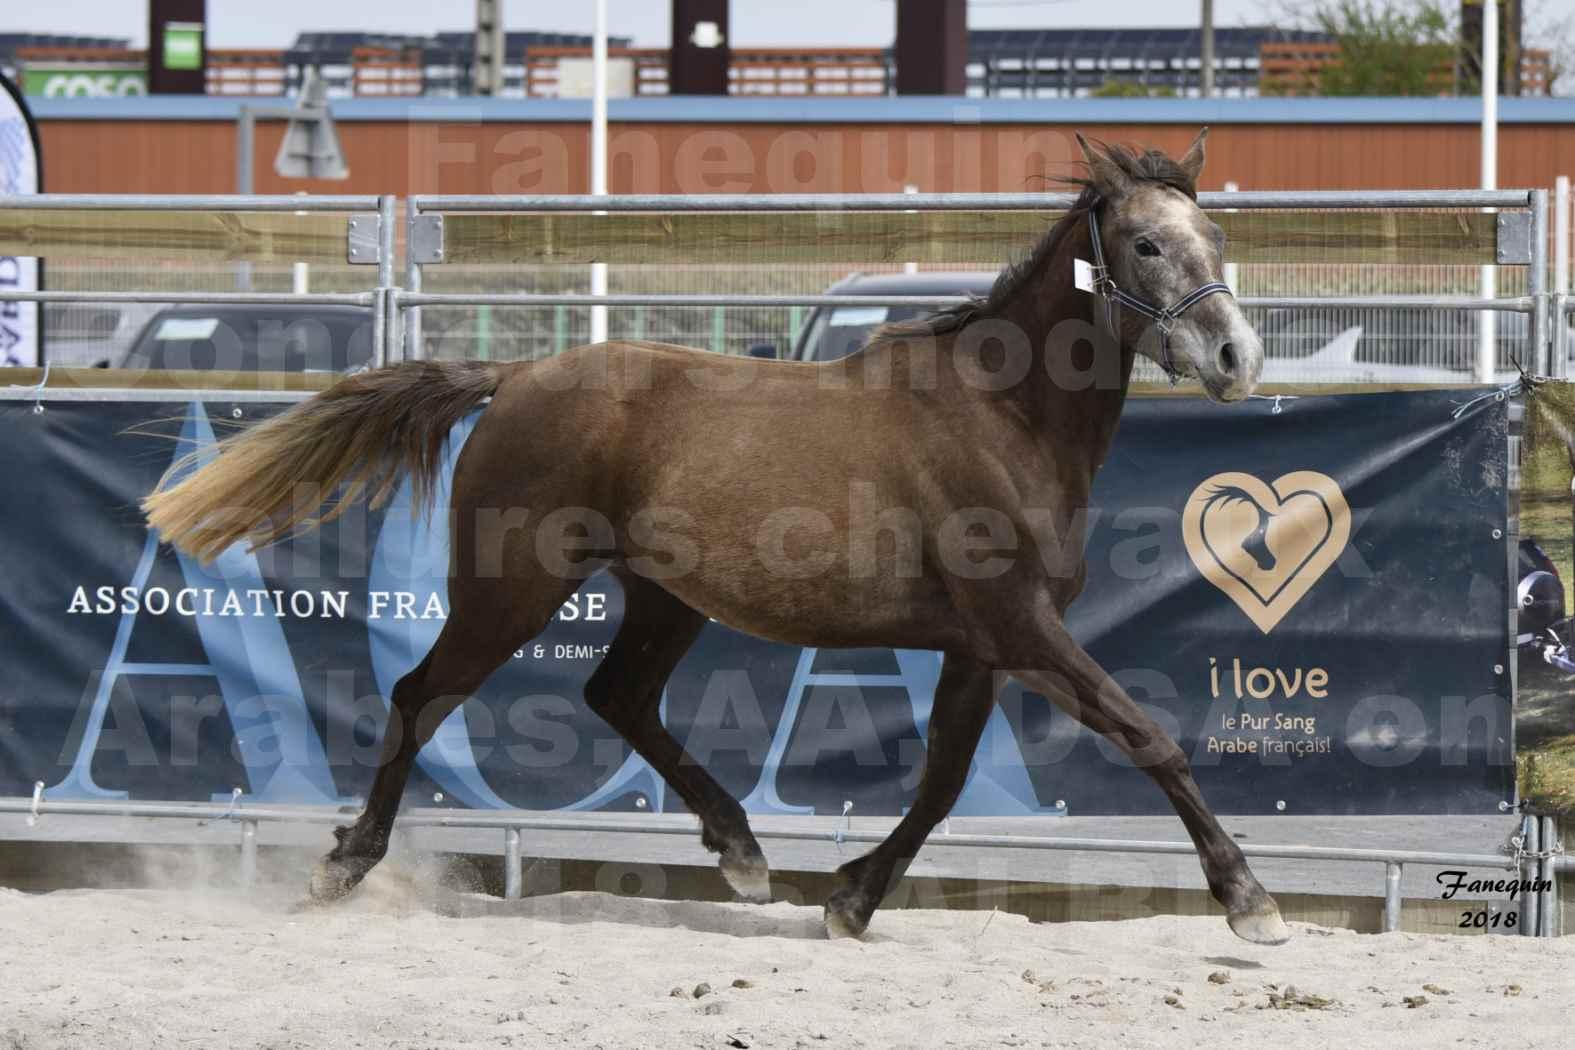 Concours d'élevage de Chevaux Arabes - Demi Sang Arabes - Anglo Arabes - ALBI les 6 & 7 Avril 2018 - FARAH DU CARRELIE - Notre Sélection - 09